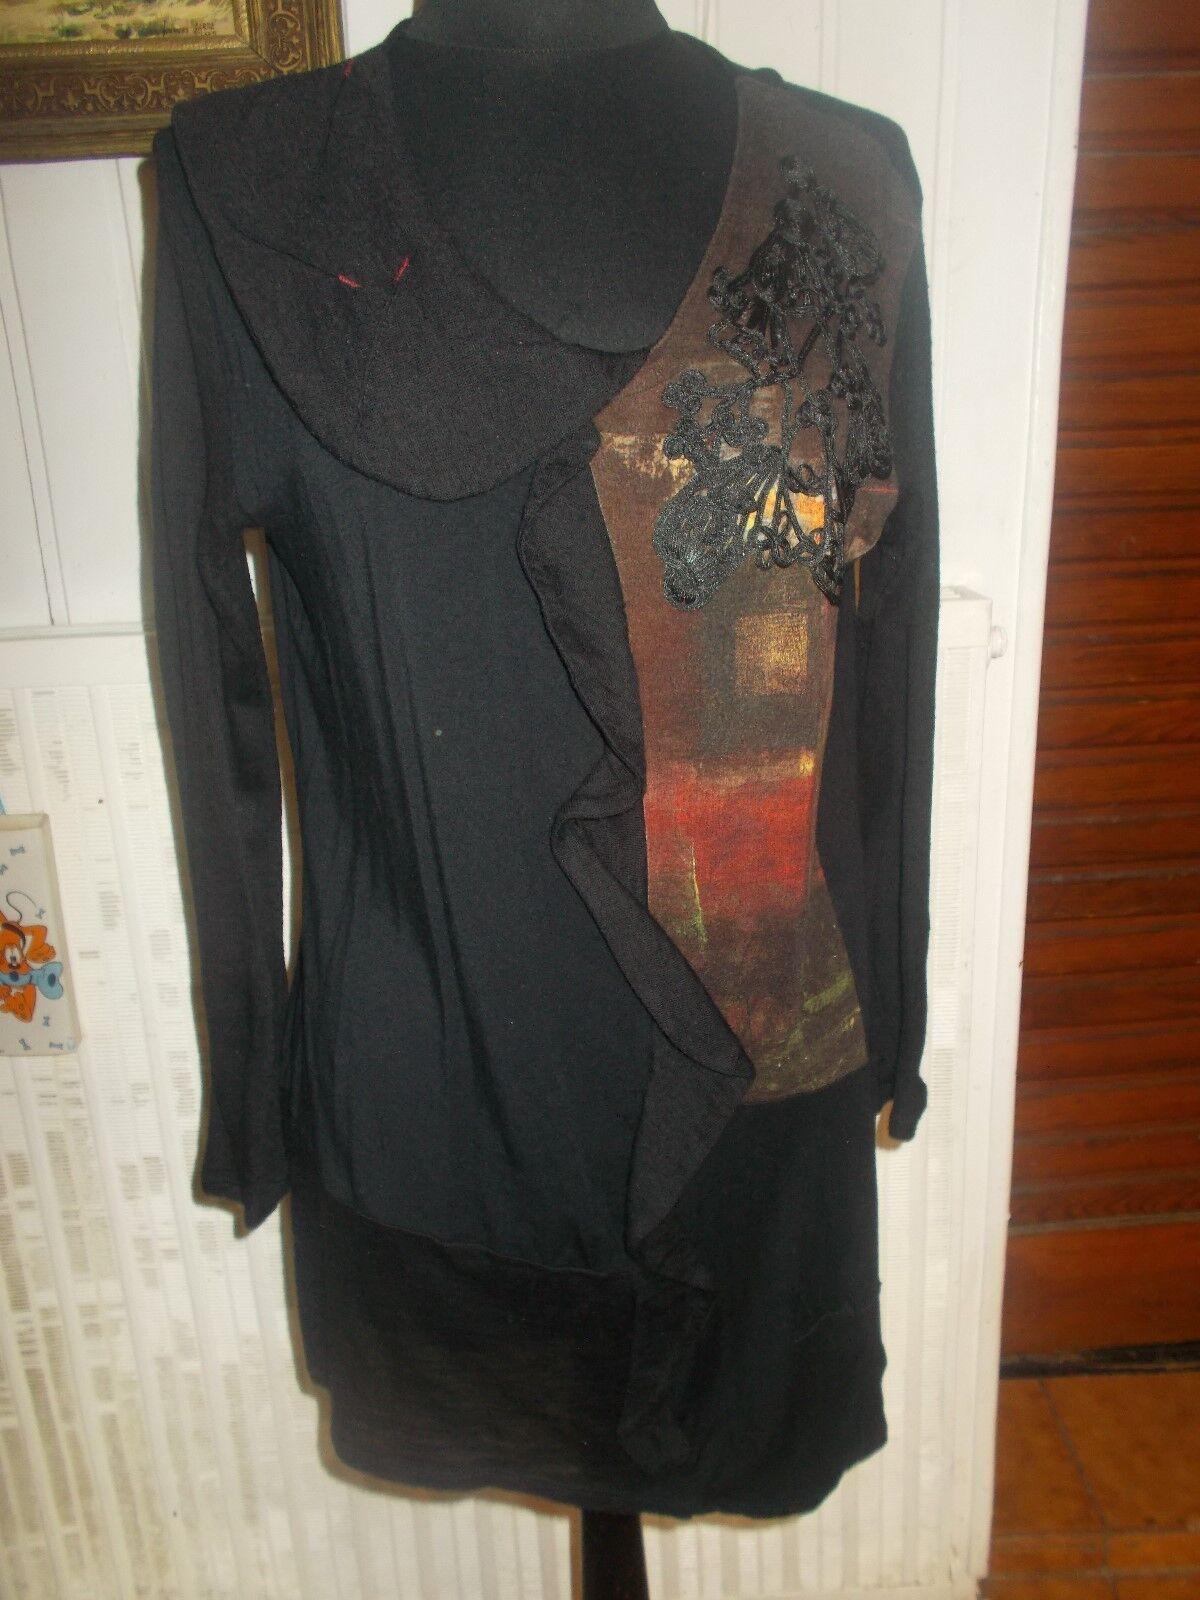 Petite Robe schwarz AVENTURES DES TOILES 46 brodé dessus imprimé manches longues